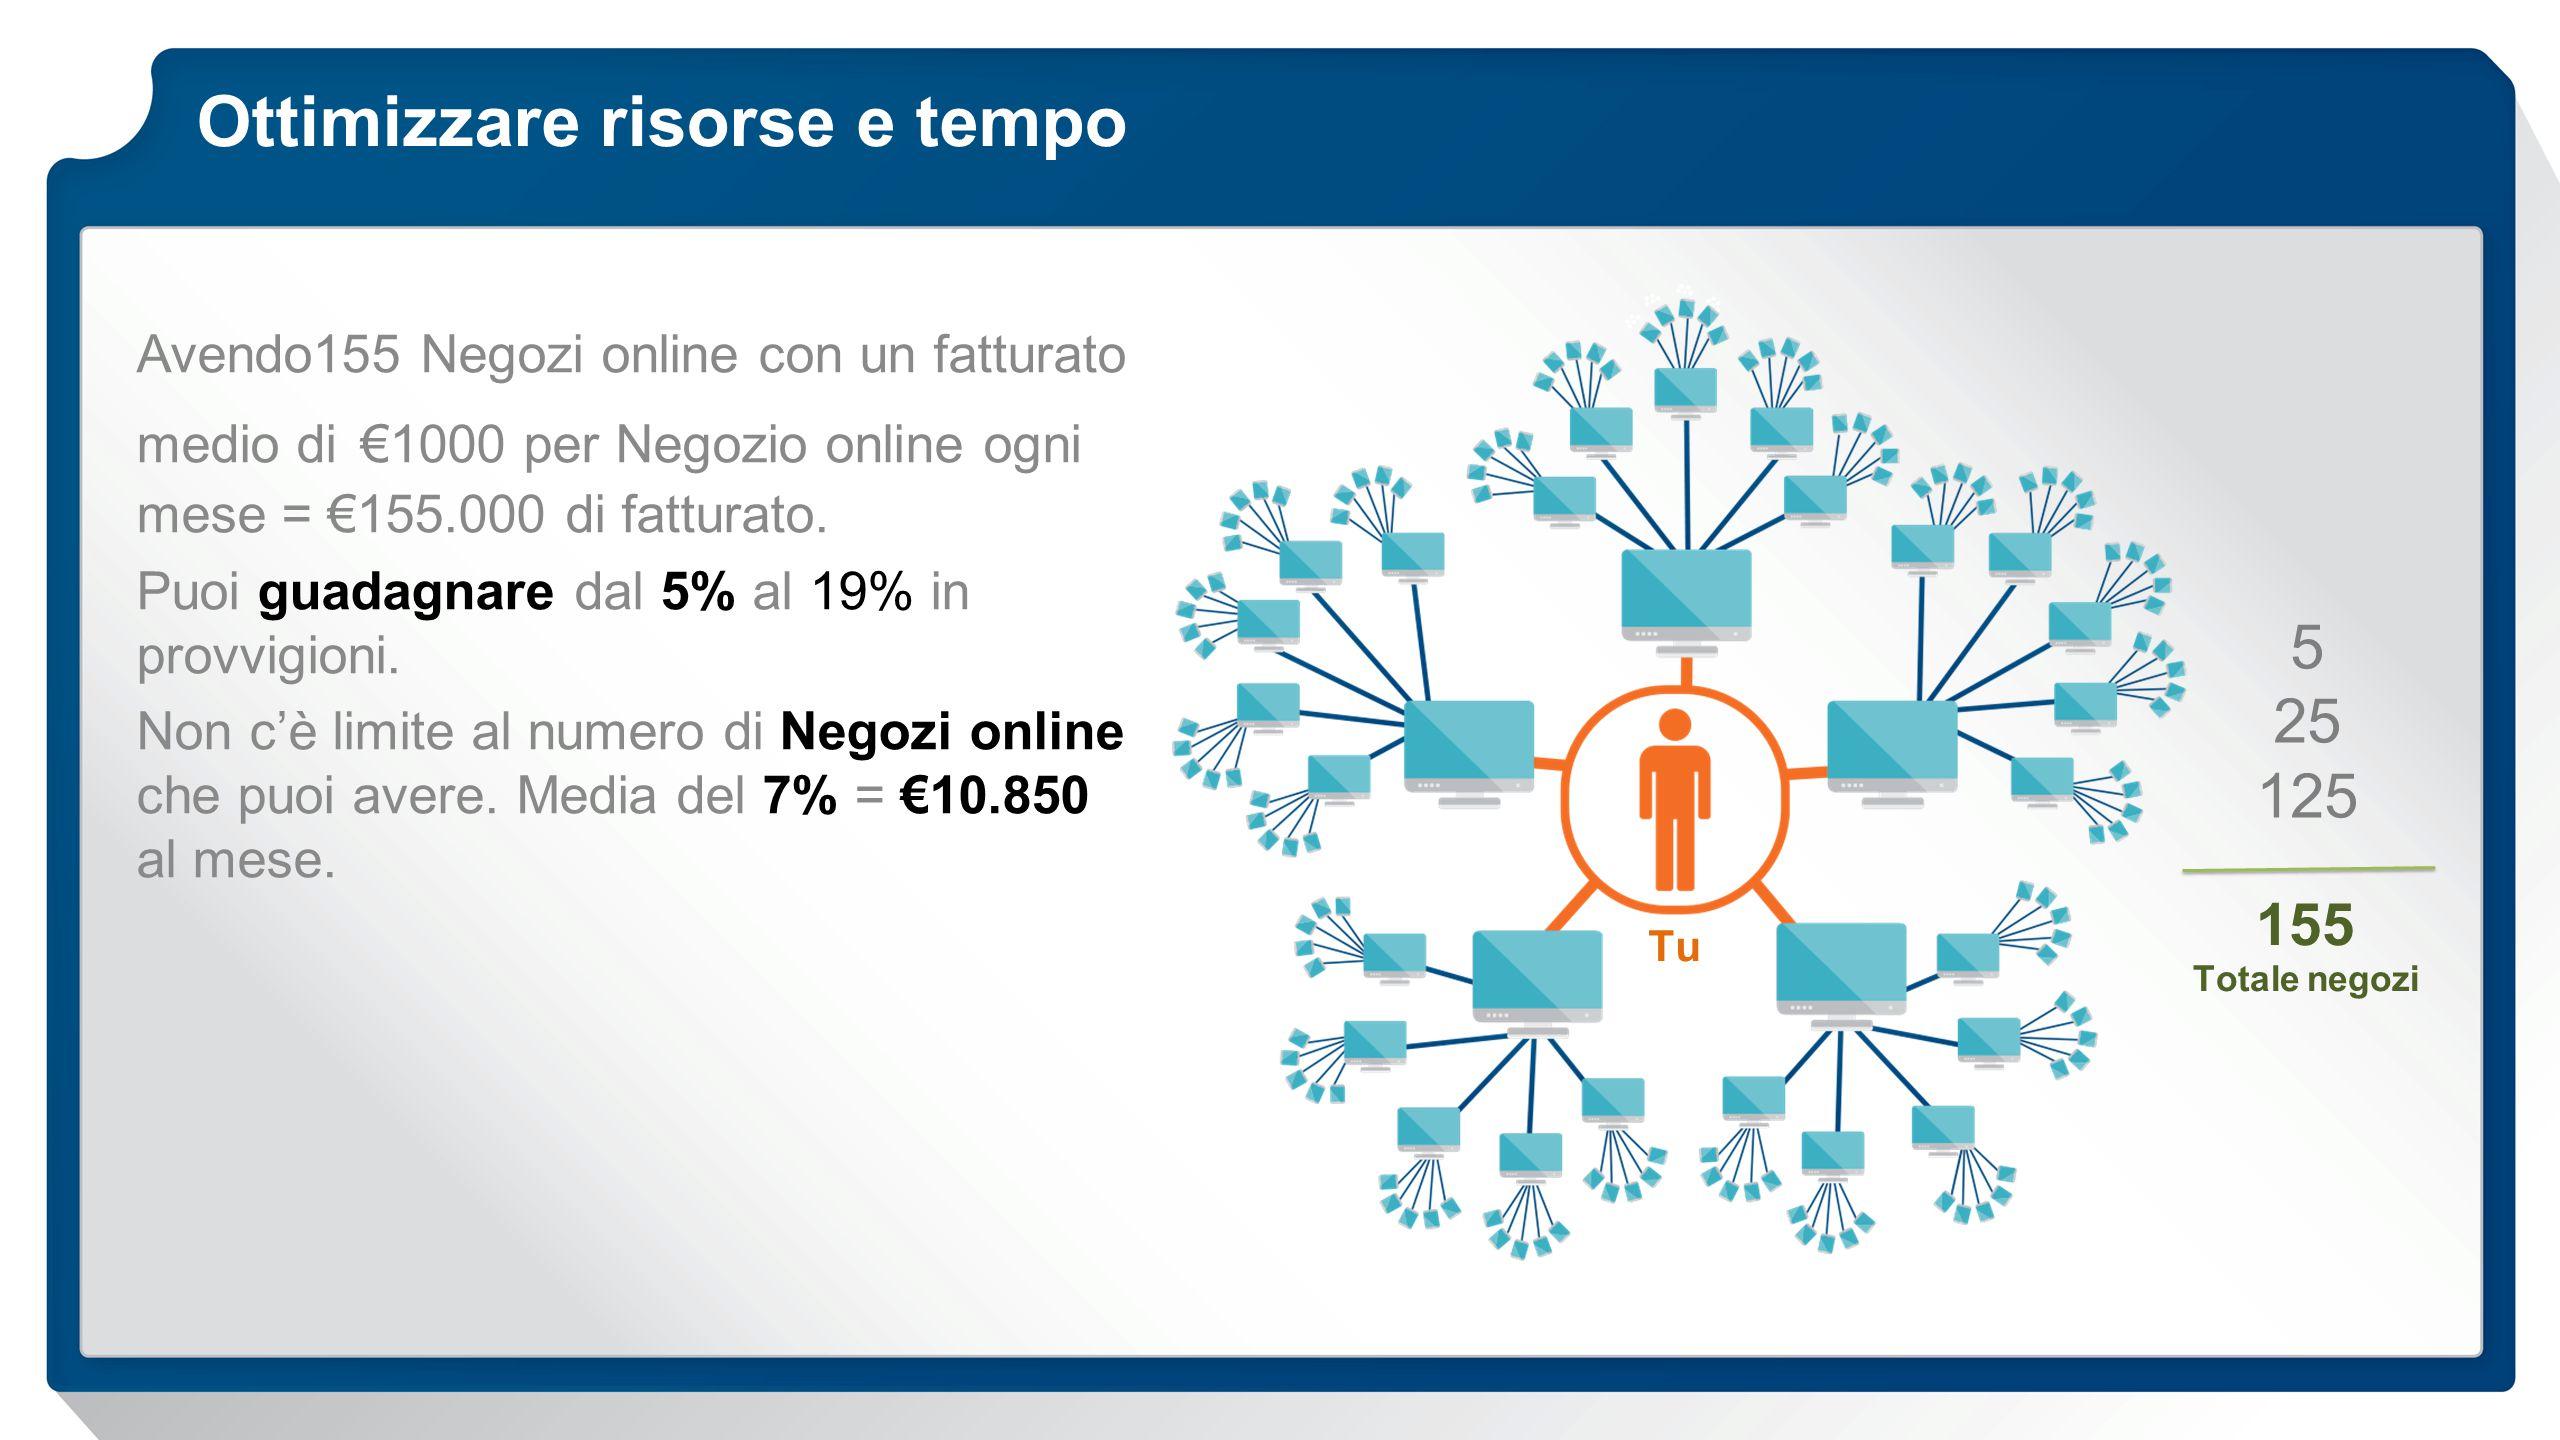 Ottimizzare risorse e tempo Tu 5 25 125 155 Totale negozi Avendo155 Negozi online con un fatturato medio di €1000 per Negozio online ogni mese = €155.000 di fatturato.